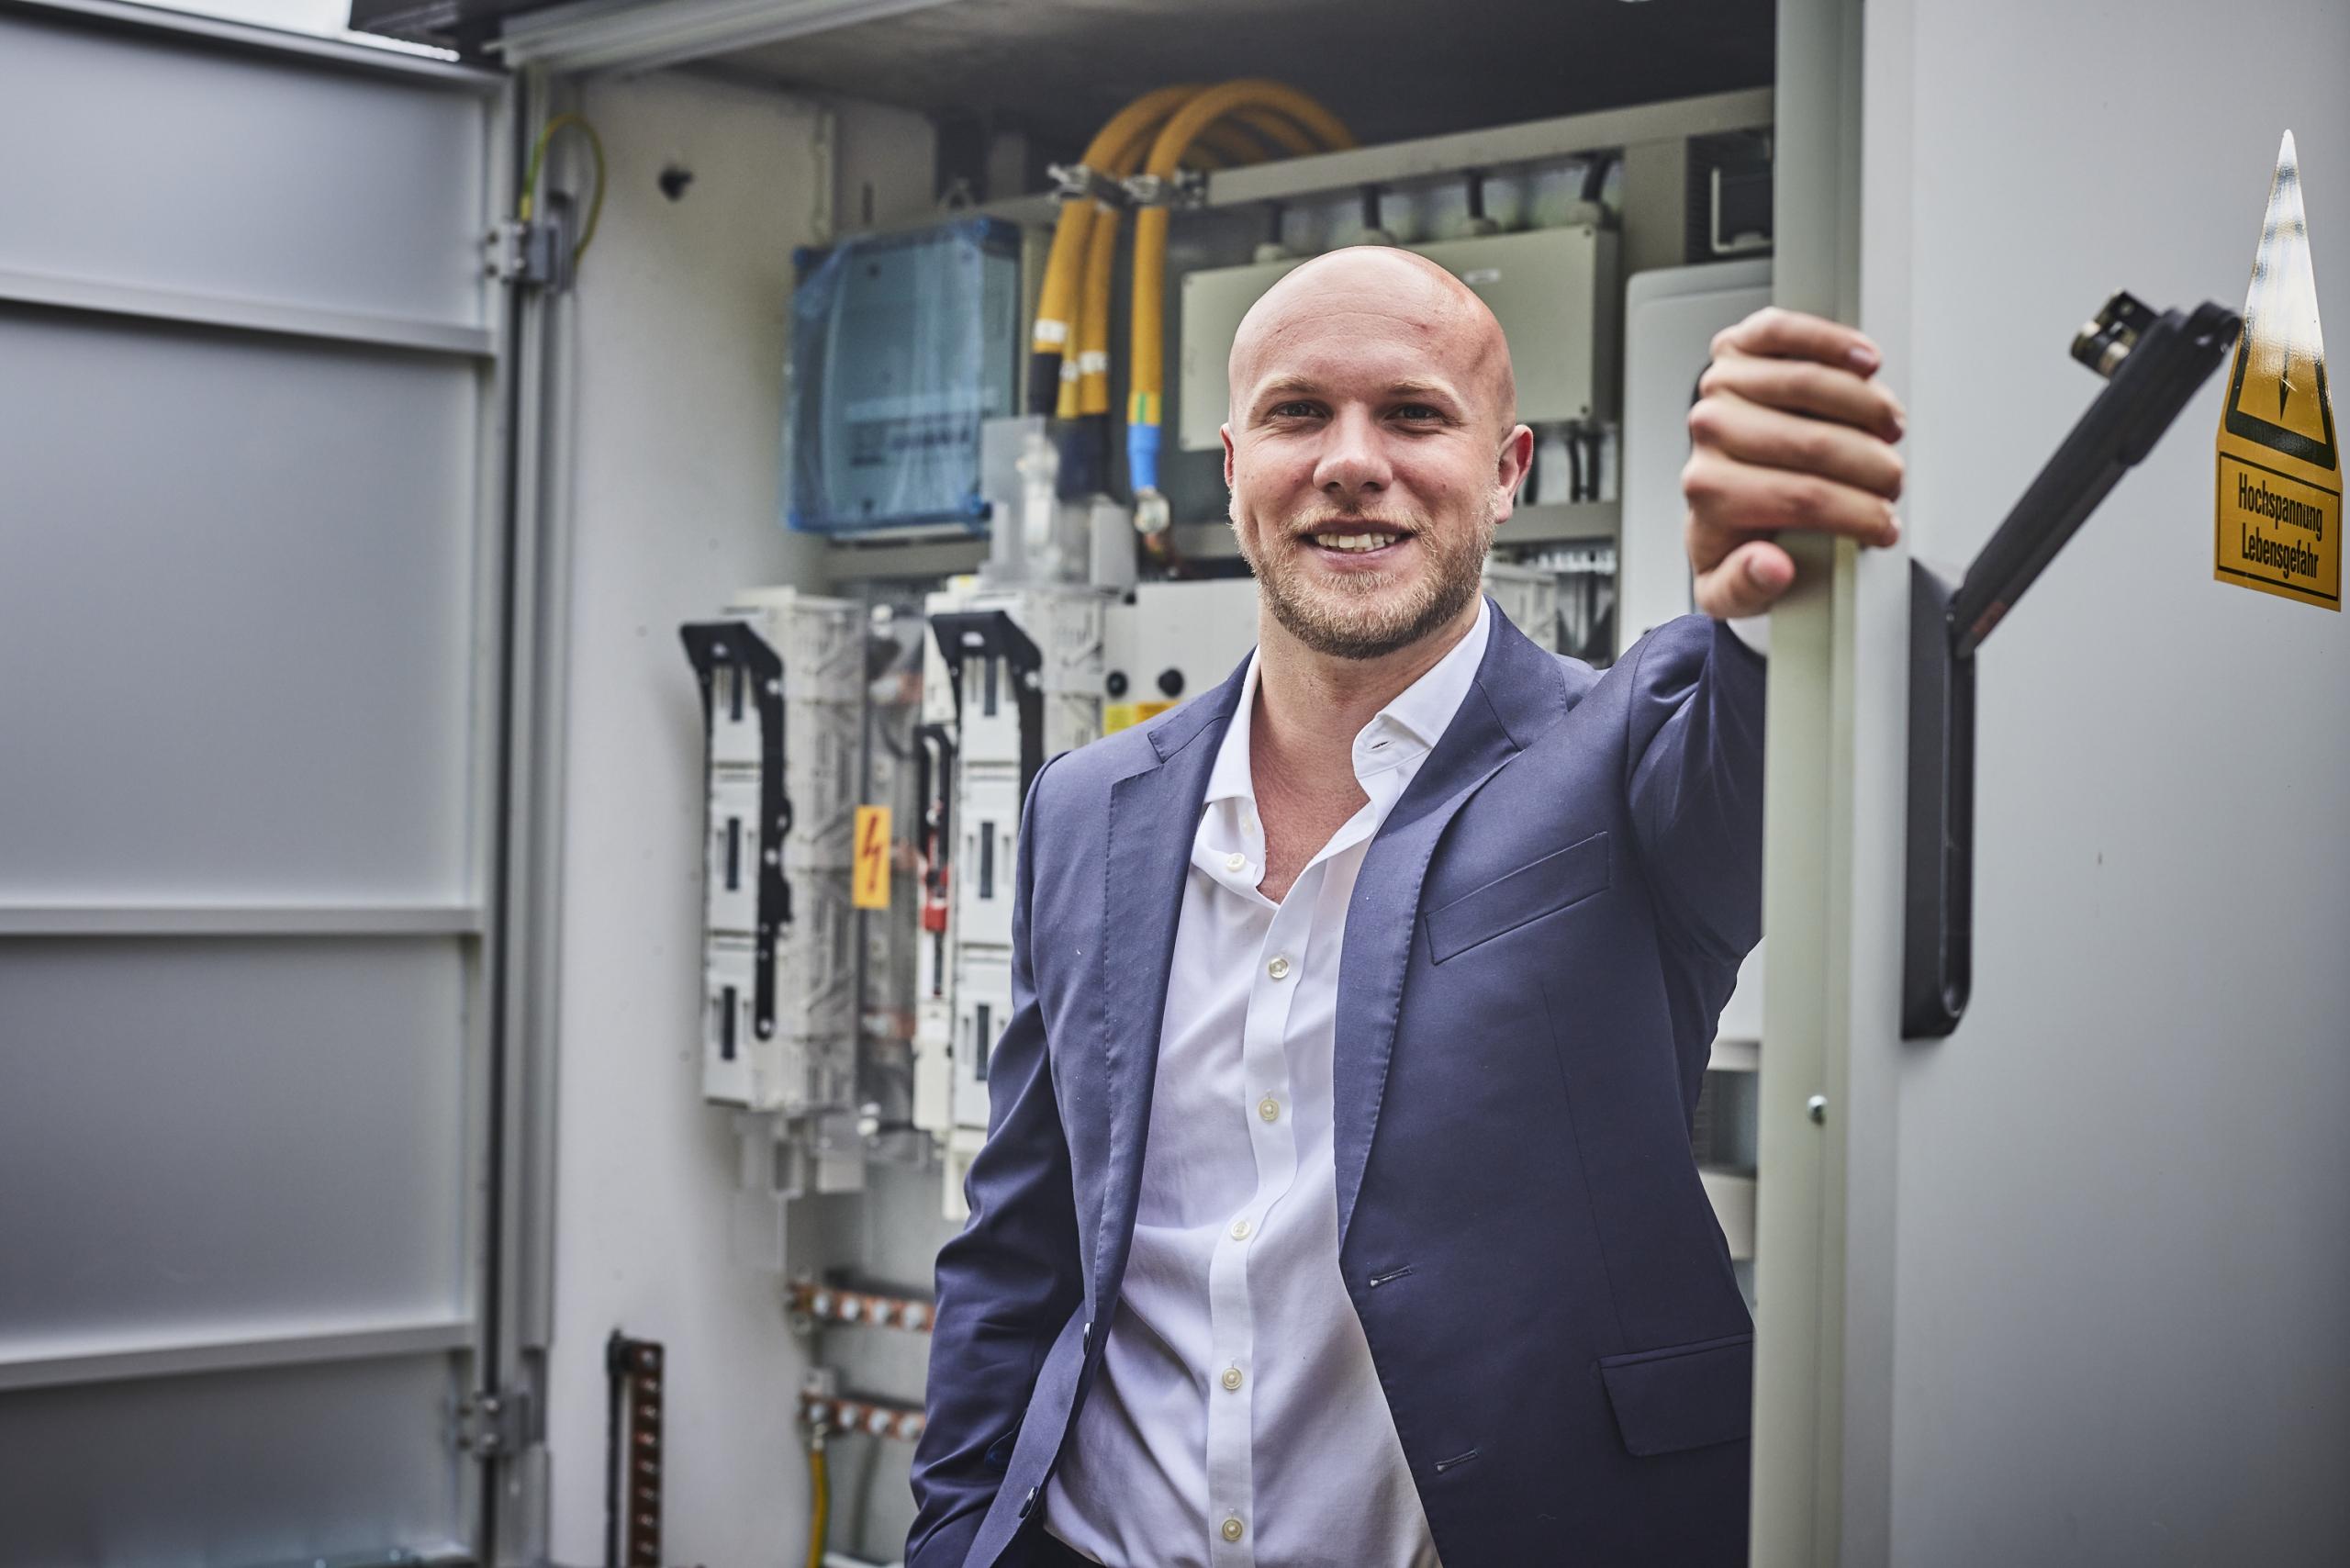 Julian Vetter ist seit dem Frühjahr 2021 neuer Geschäftsführer der Isoblock Schaltanlagen GmbH & Co. KG in Osnabrück. Sein Schwerpunkt liegt auf dem kaufmännischen Bereich.